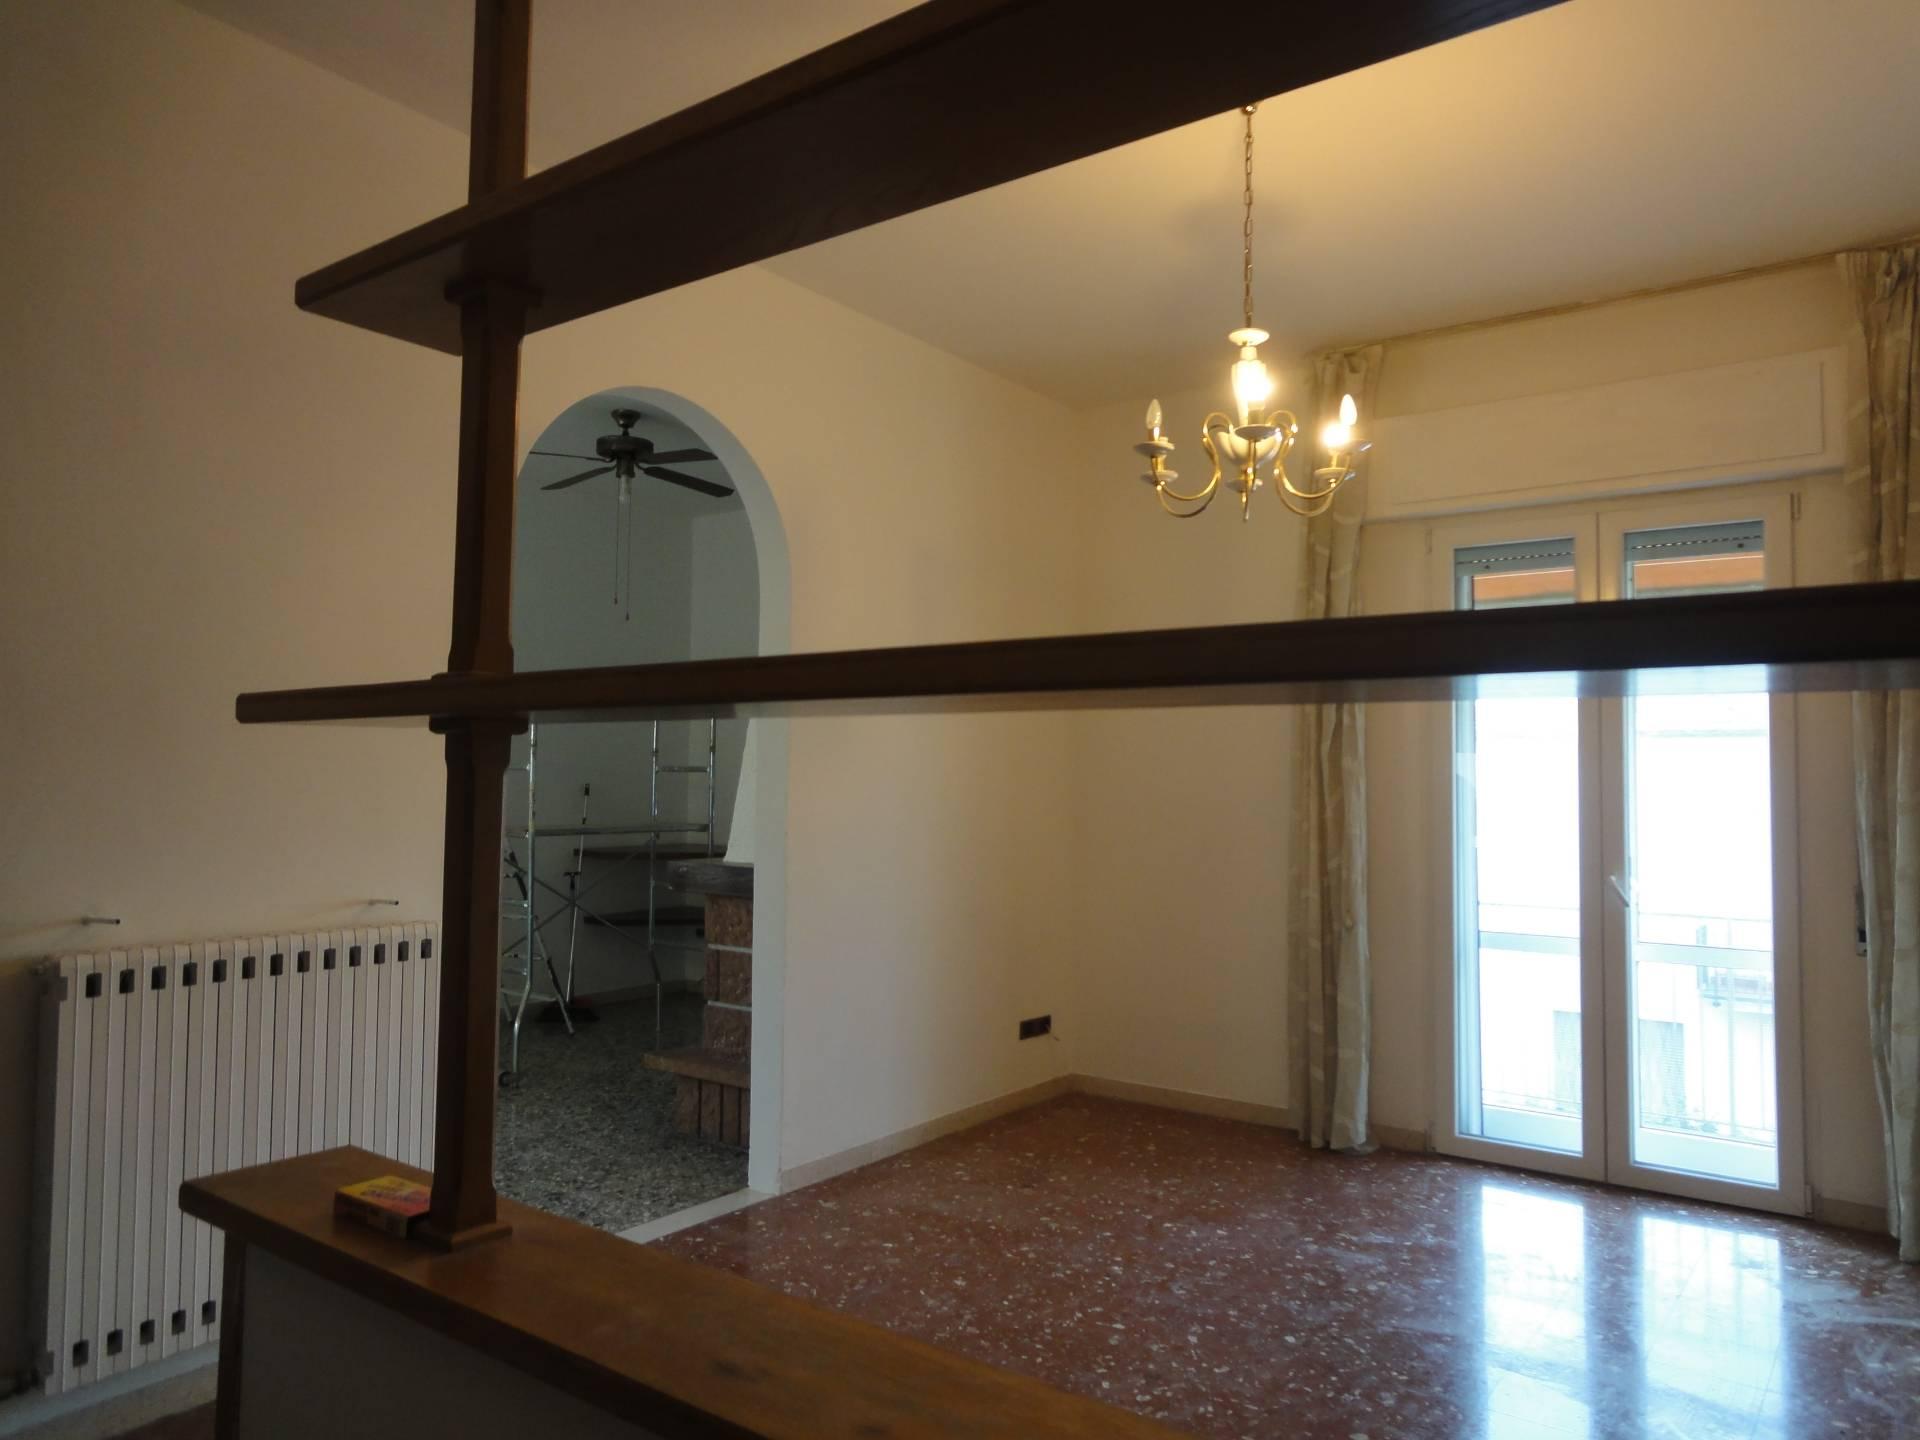 Appartamento in affitto a Pontedera, 5 locali, zona Località: Bellaria/V.leIVNovembre, prezzo € 590 | CambioCasa.it